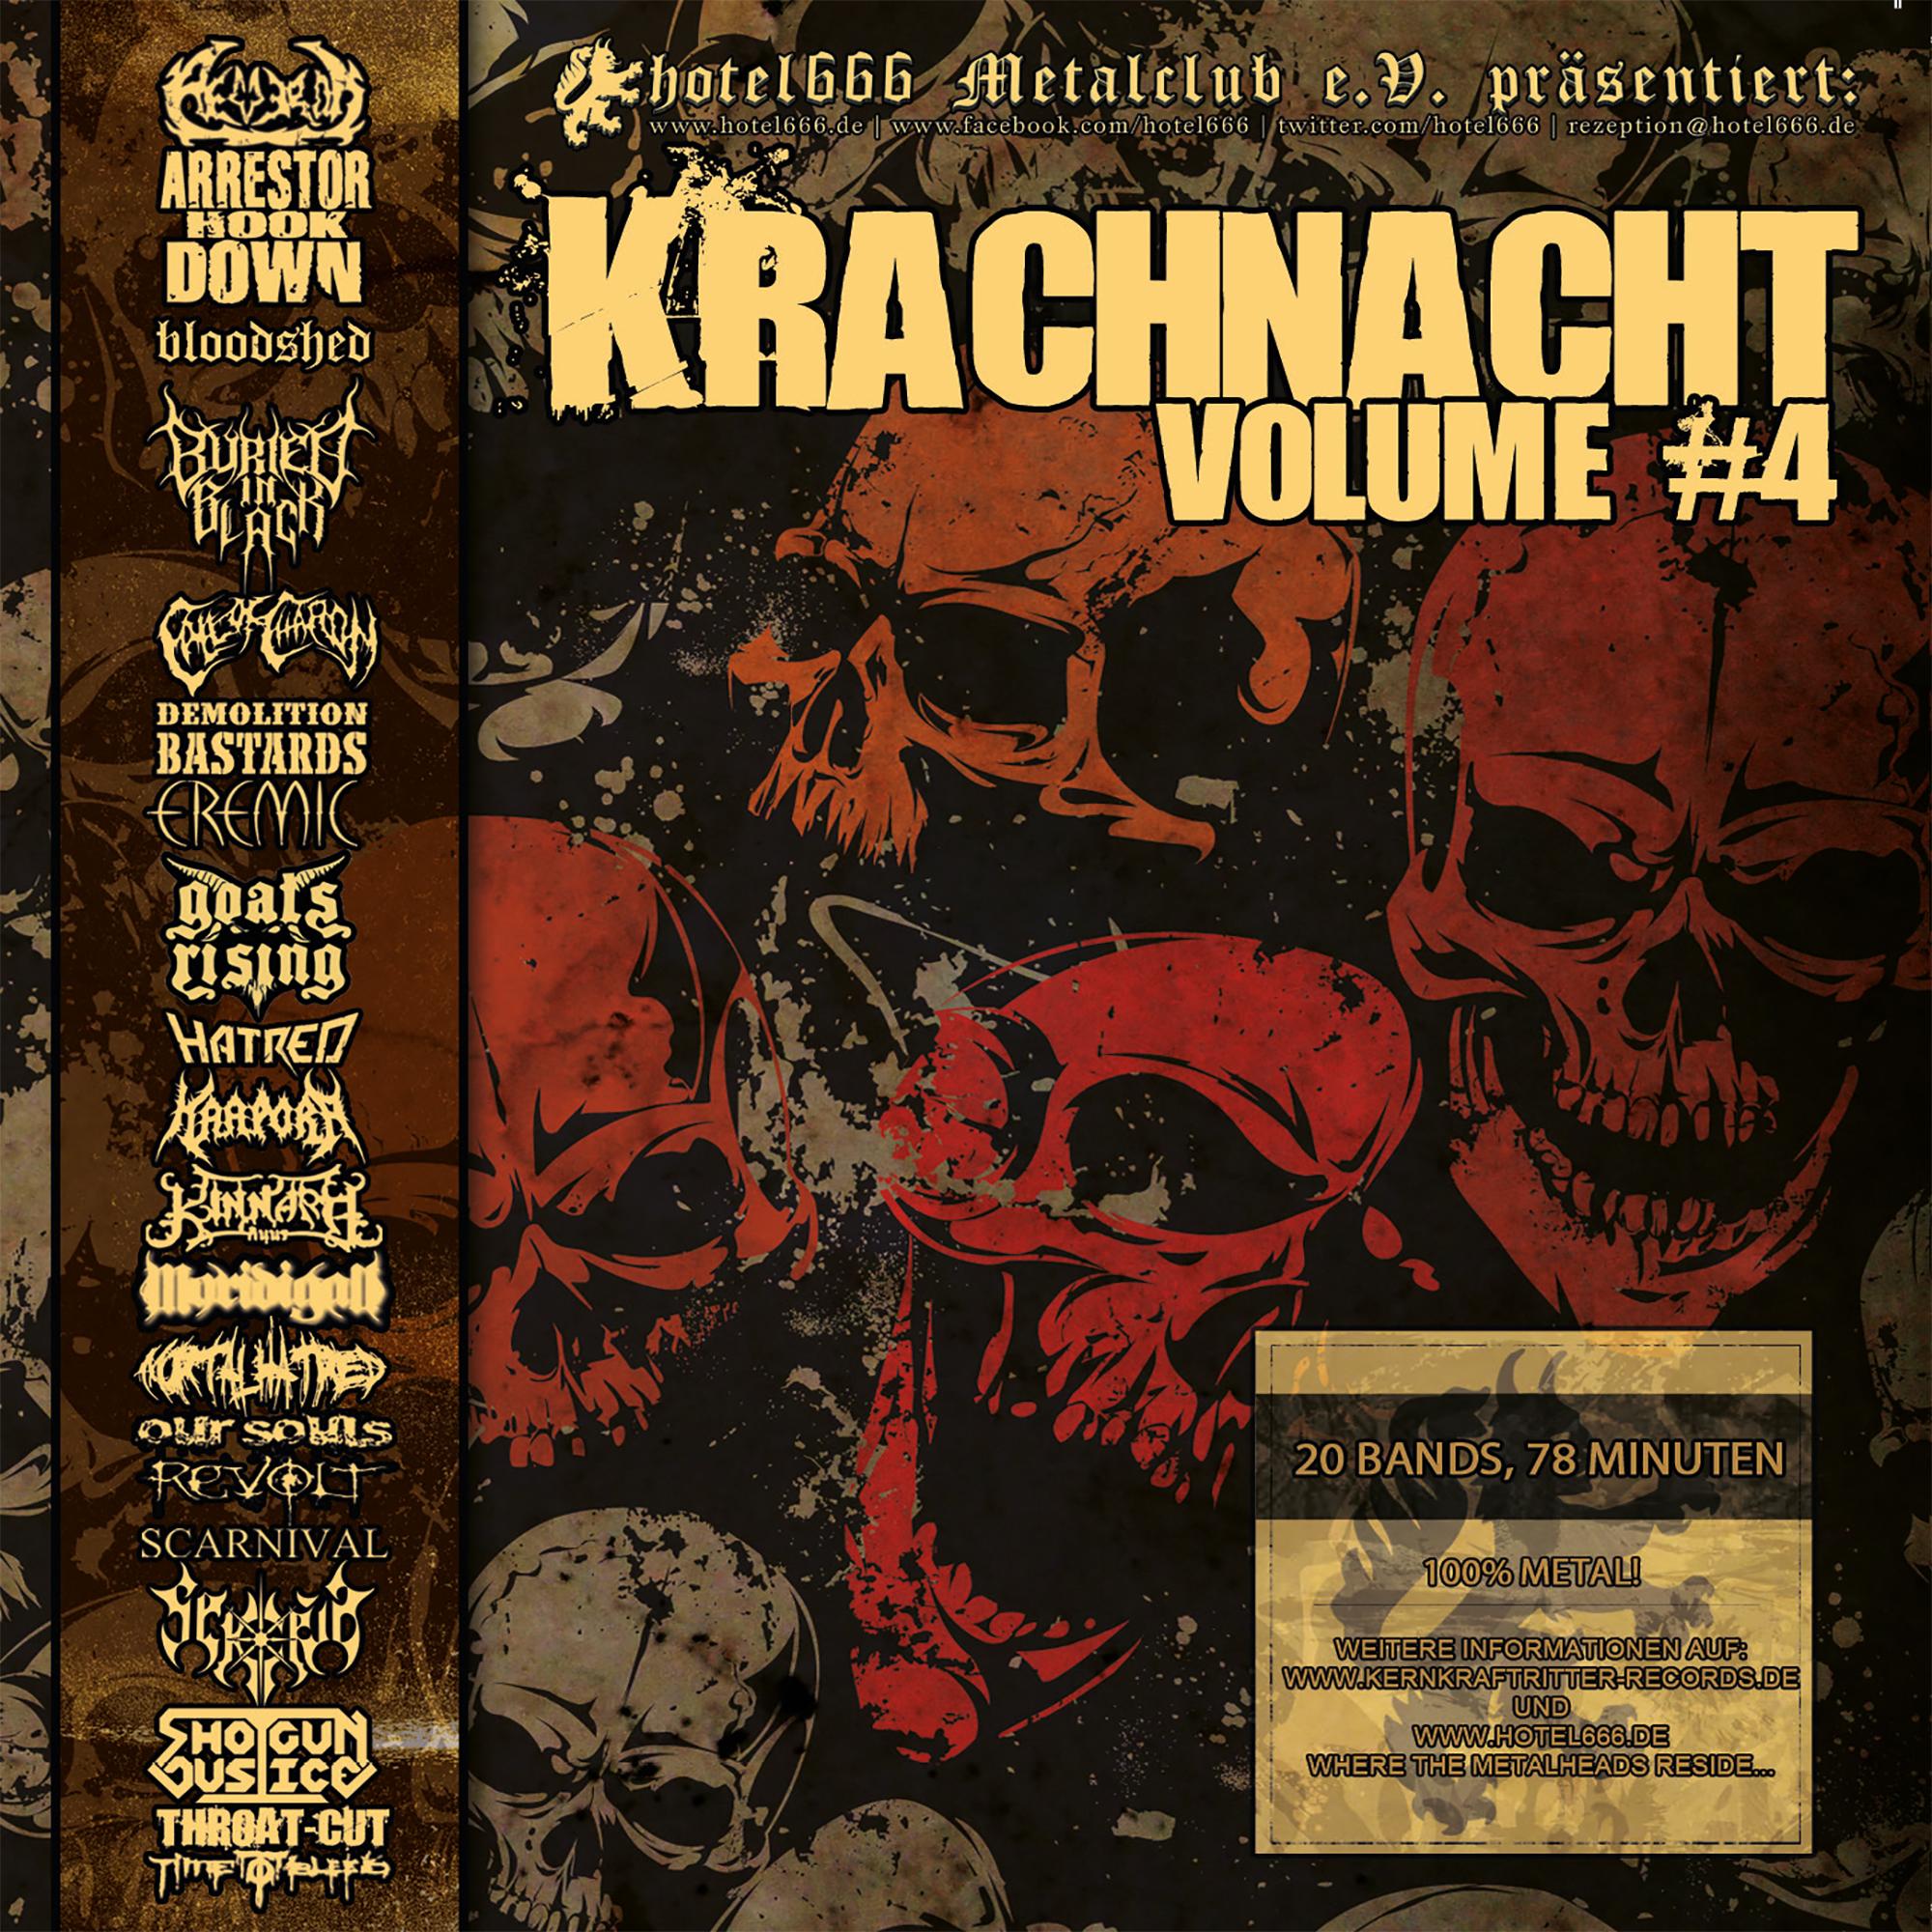 Krachnacht 4